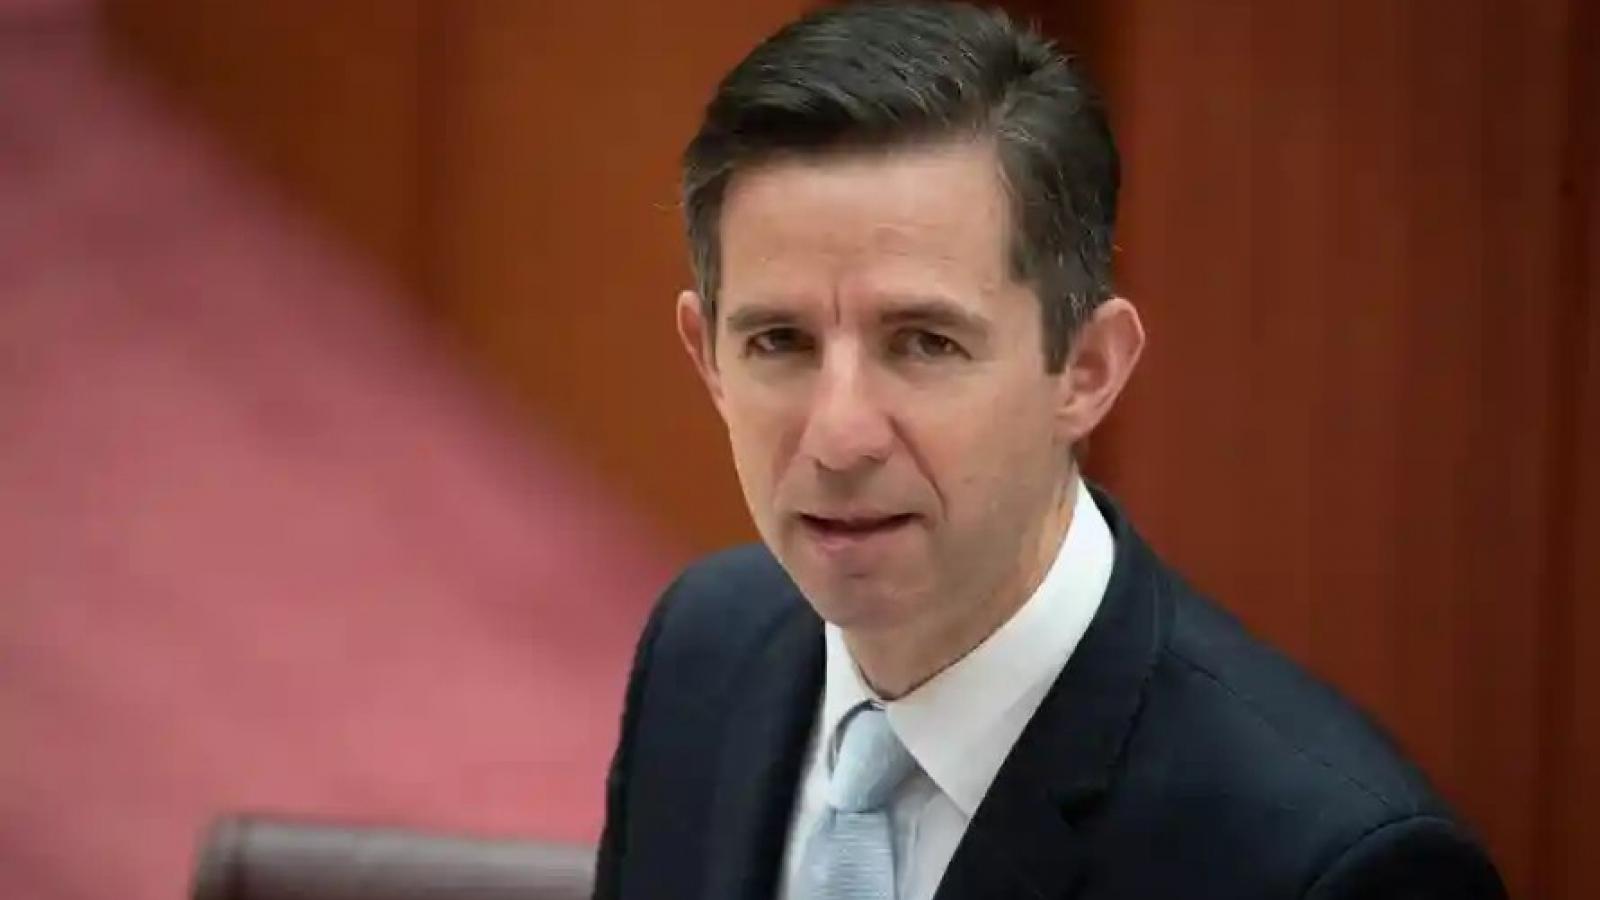 Australia nghi ngờ Trung Quốc vi phạm FTA và quy định của WTO